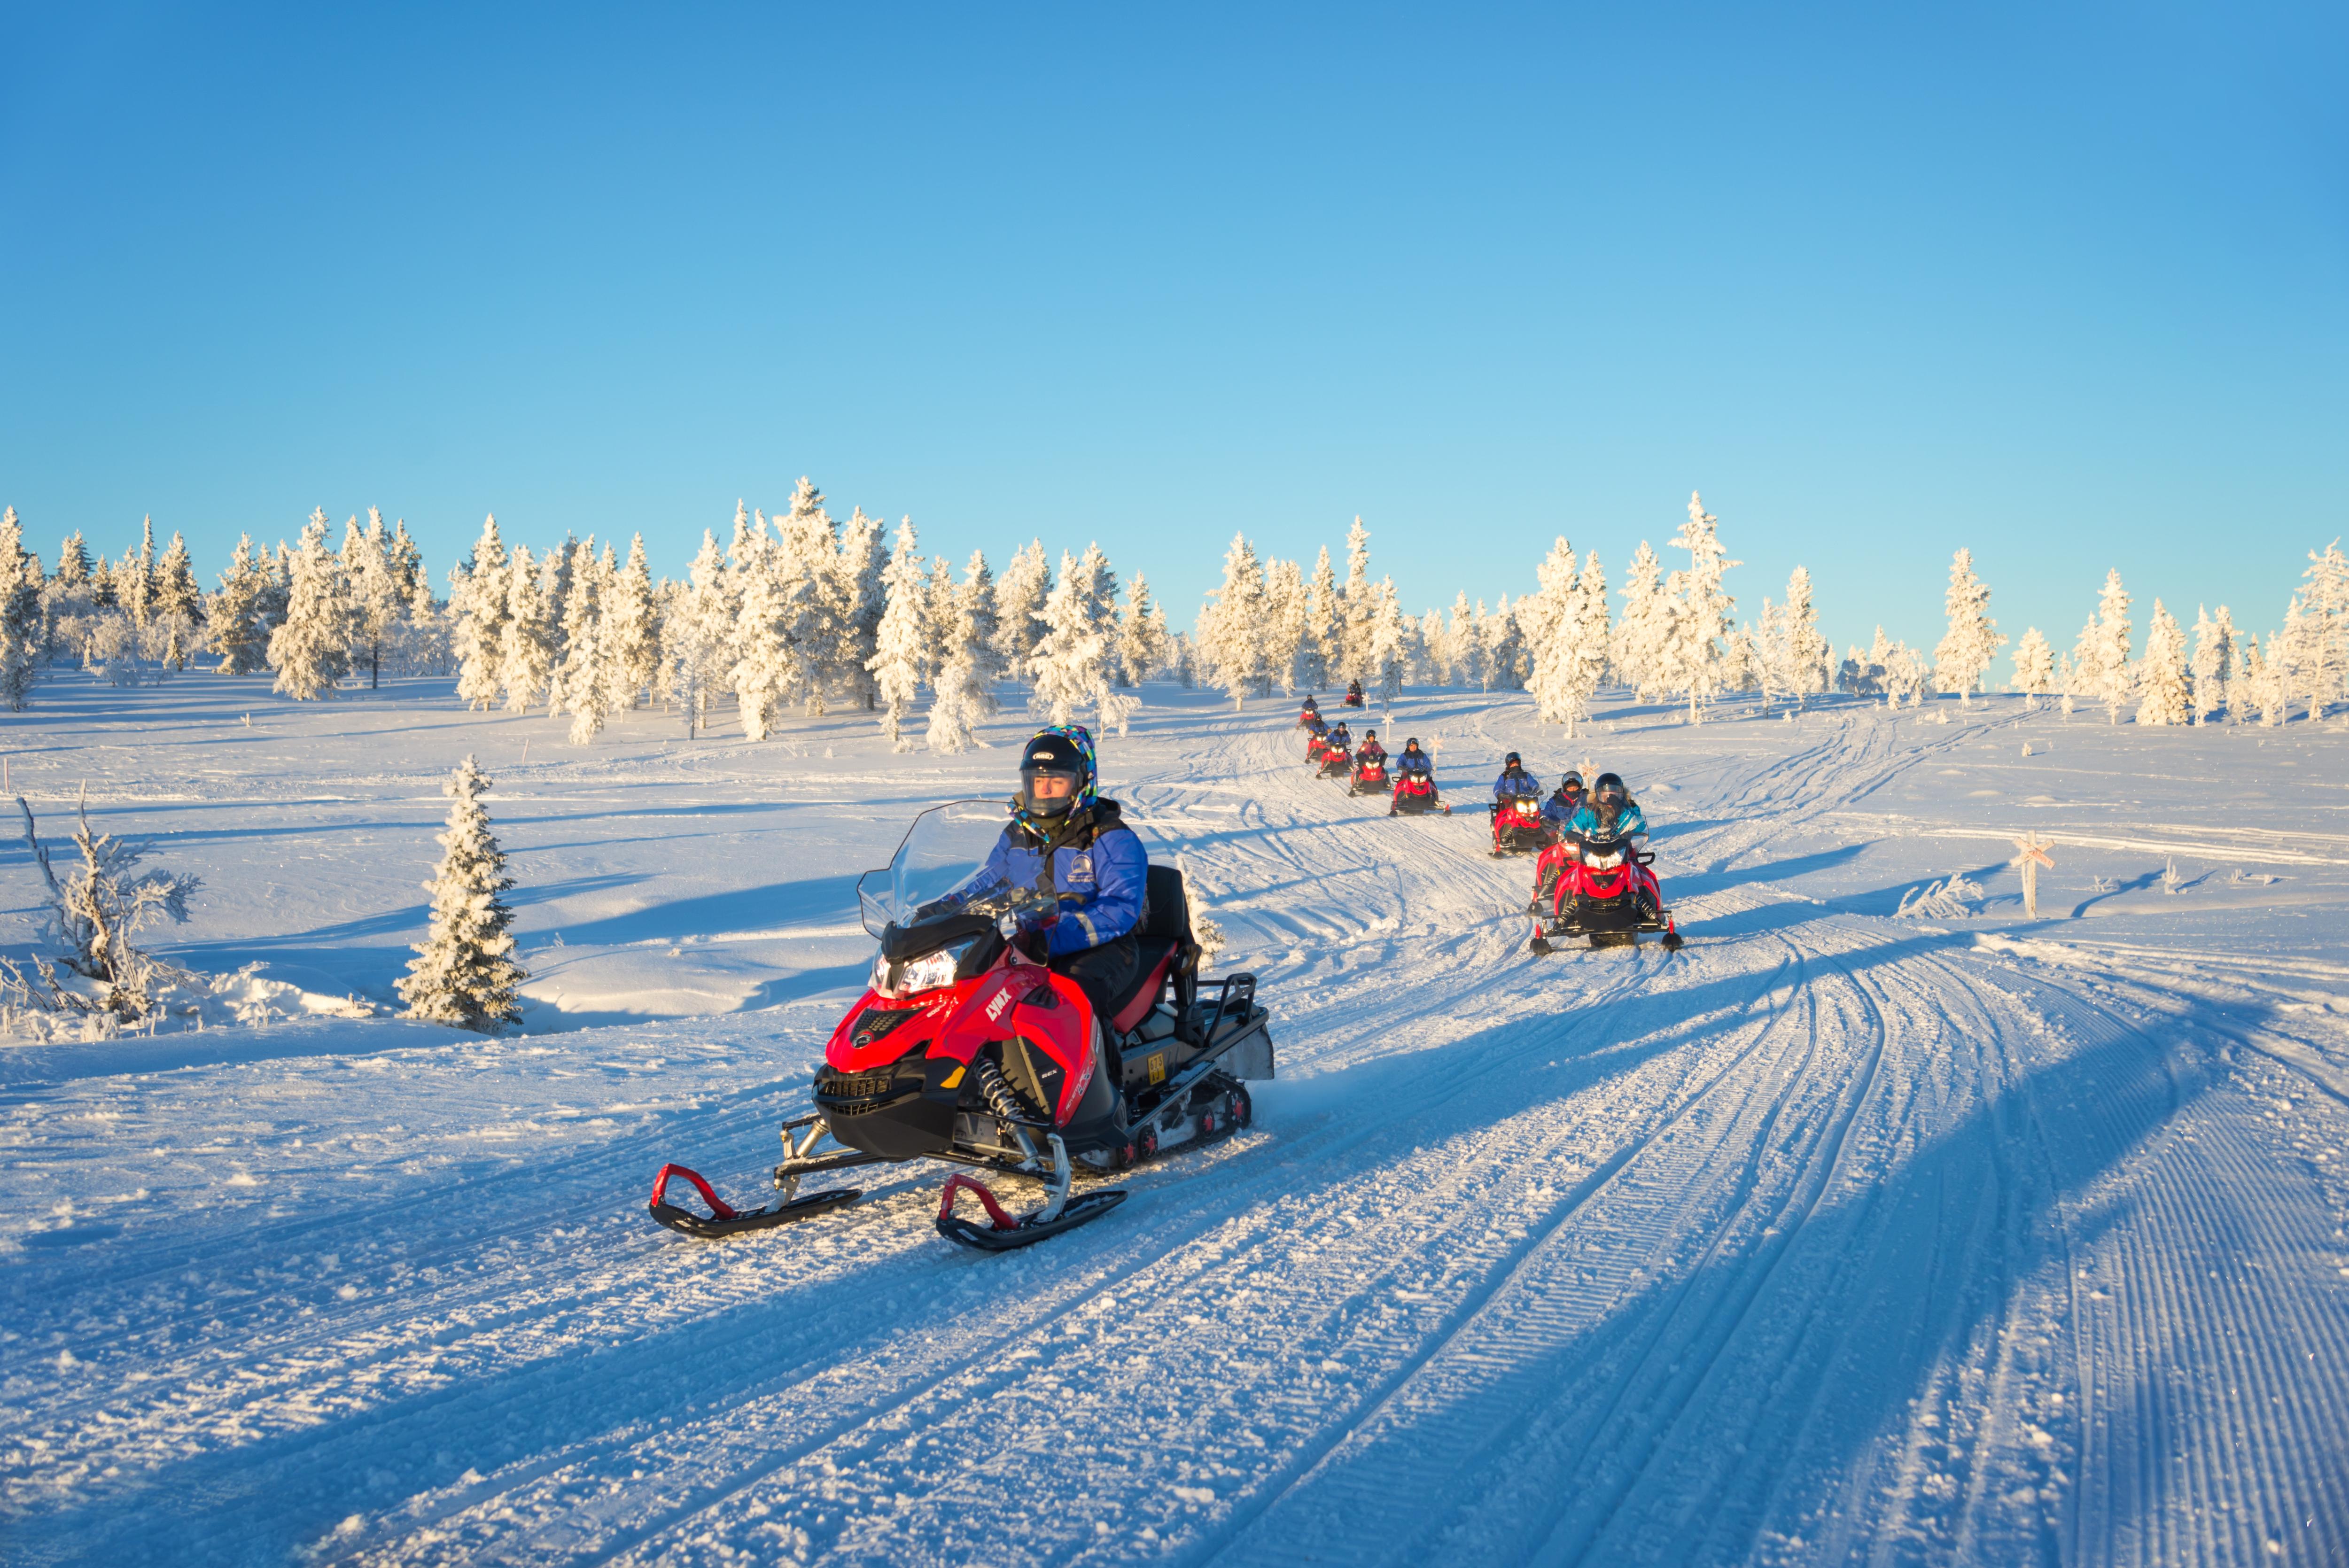 WAY0609H ฟินแลนด์ สโนโมบิล 9 วัน AY [HEL-HEL]  29 DEC - 06 JAN 2020